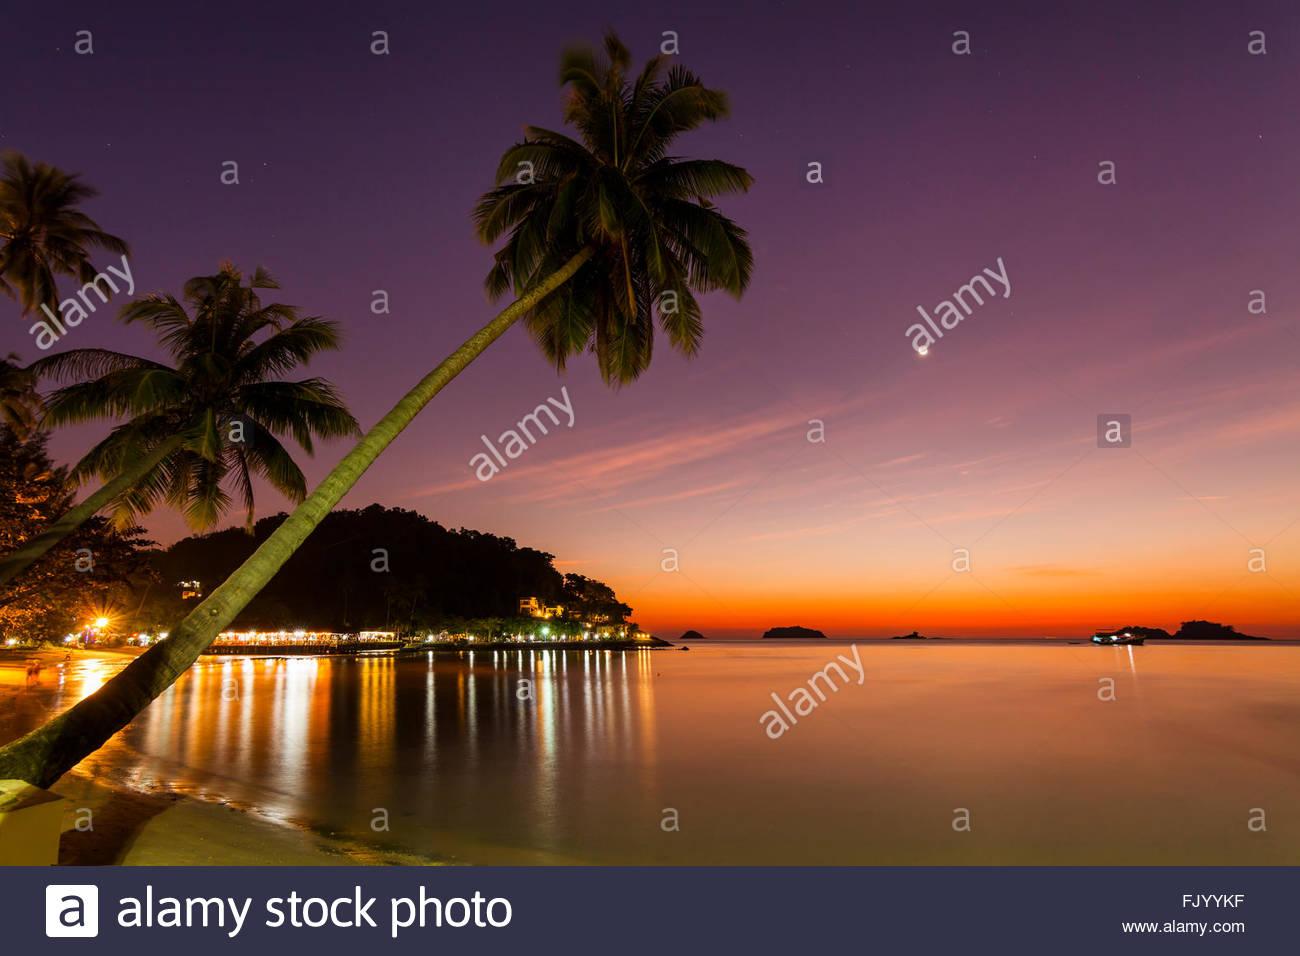 Romantischen Abend auf einer tropischen Insel mit Nachtbeleuchtung. Thailand. Stockbild